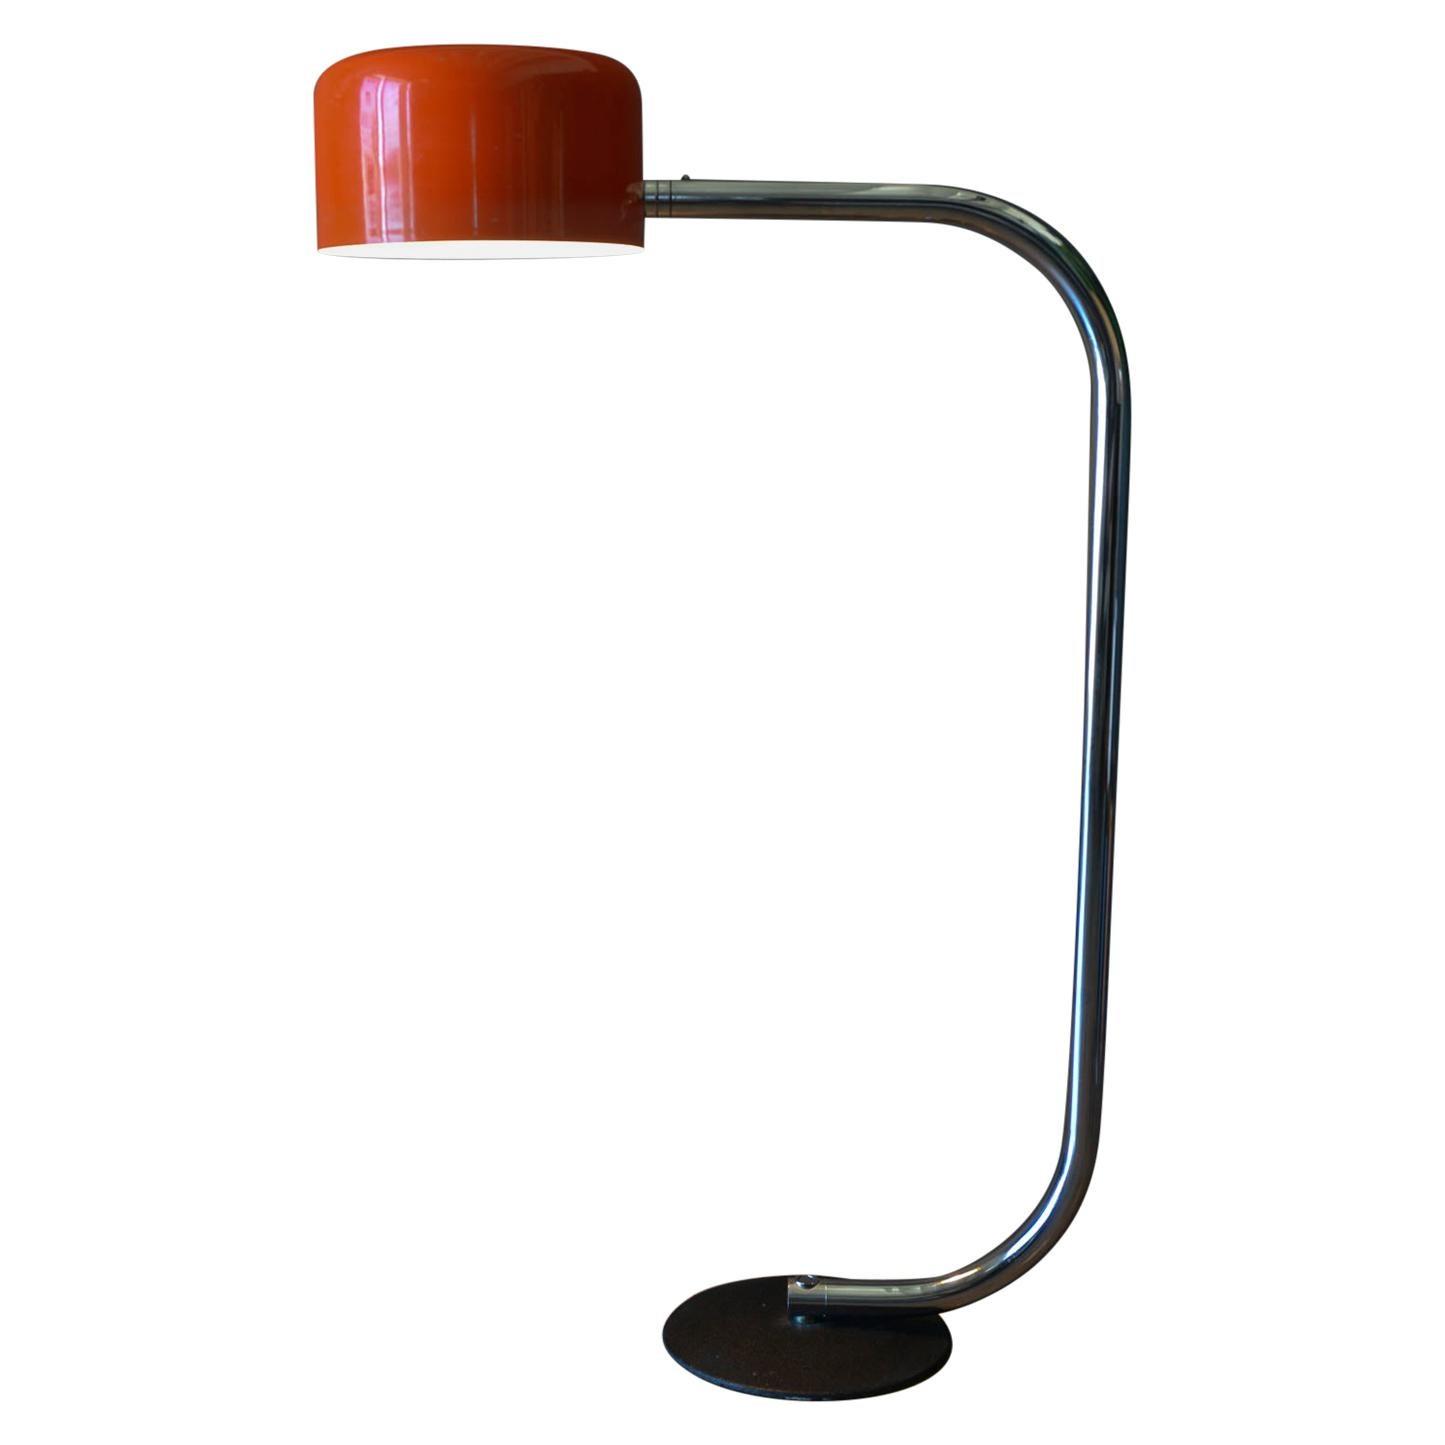 Chrome and Enameled Metal Floor lamp by Robert Sonneman, ca. 1970